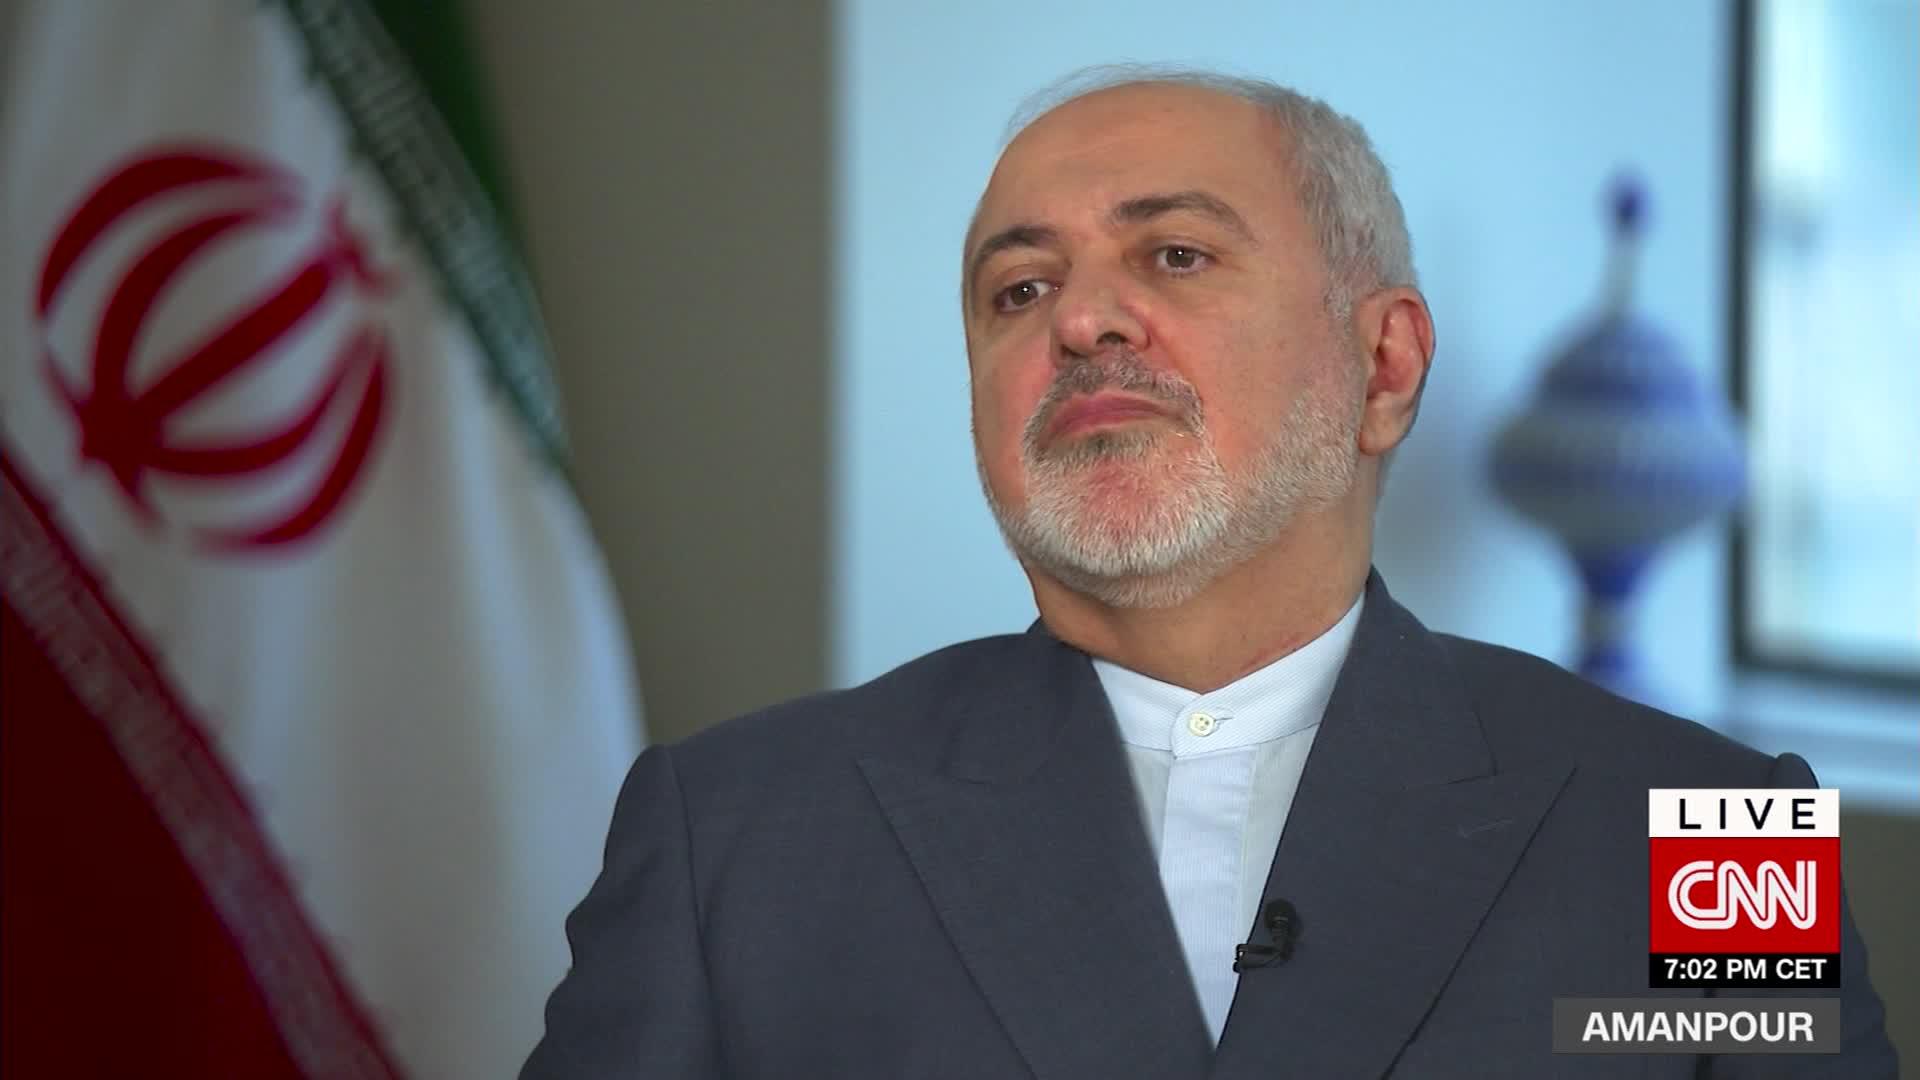 ظريف لـCNN: لو كانت إيران مسؤولة عن هجوم أرامكو لكانت كارثة للسعودية